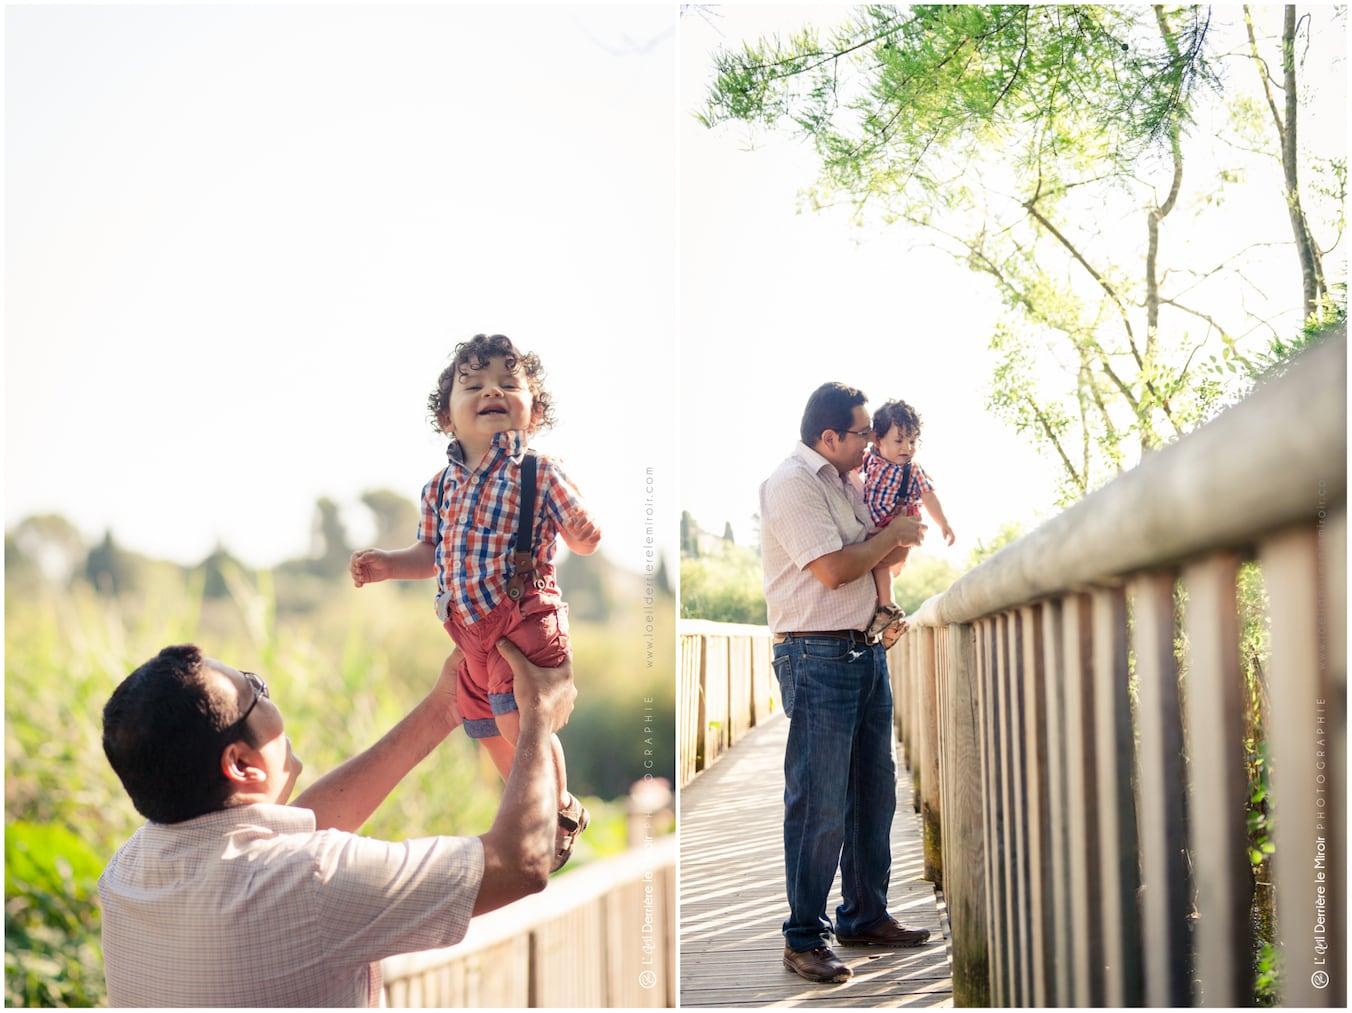 Photographe-de-famille-Teo-001c